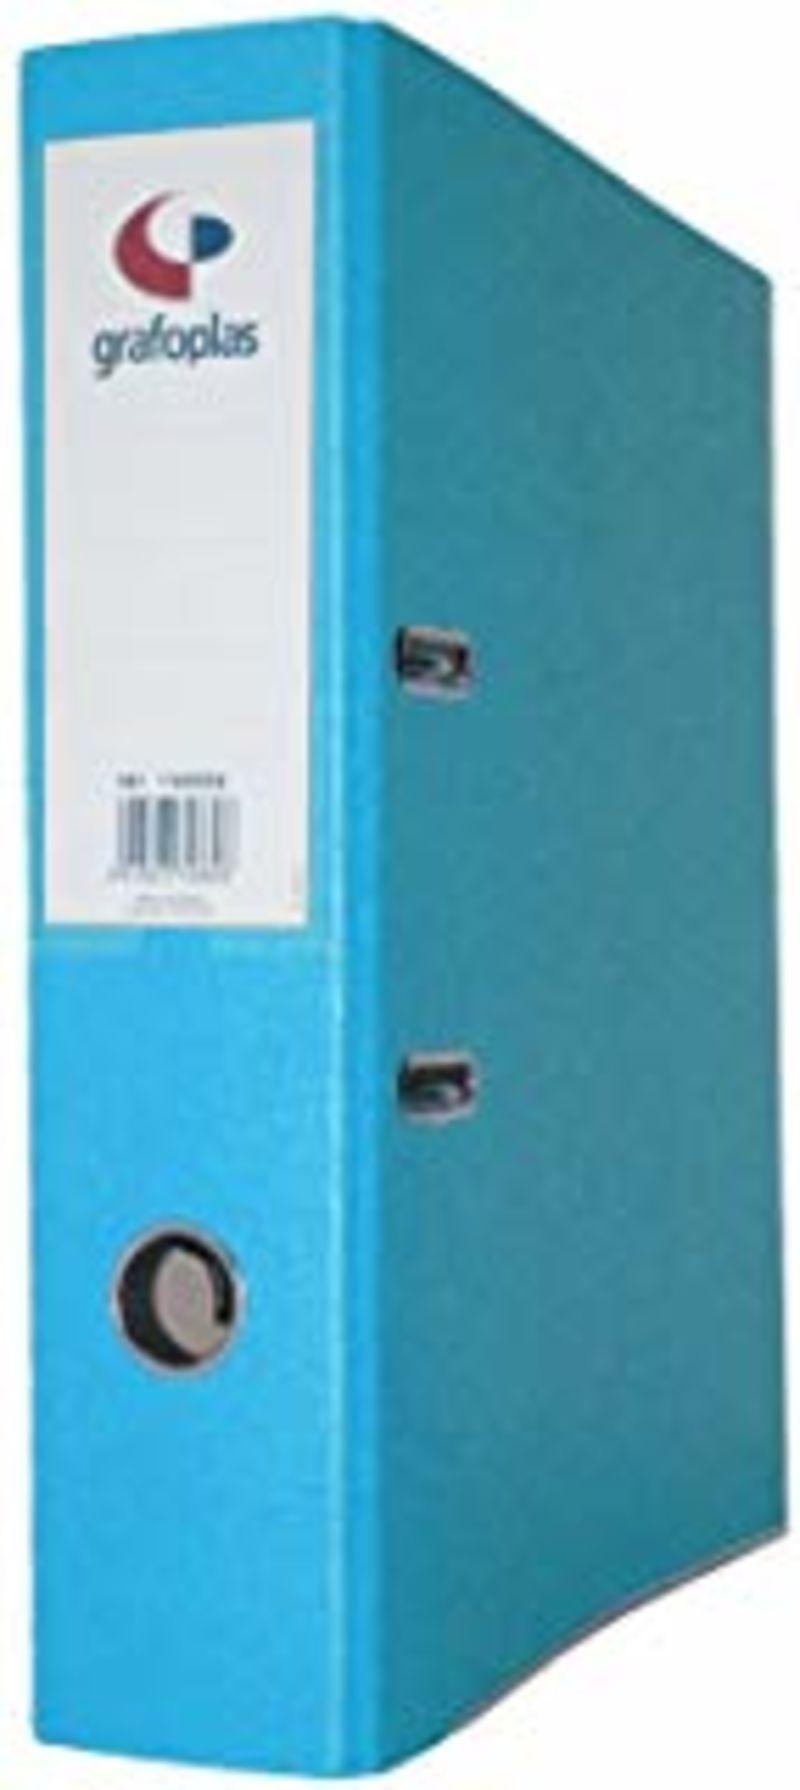 ARCHIVADOR GRAFCOLOR A4 2 ANILLAS 65mm AZUL R: 17269630